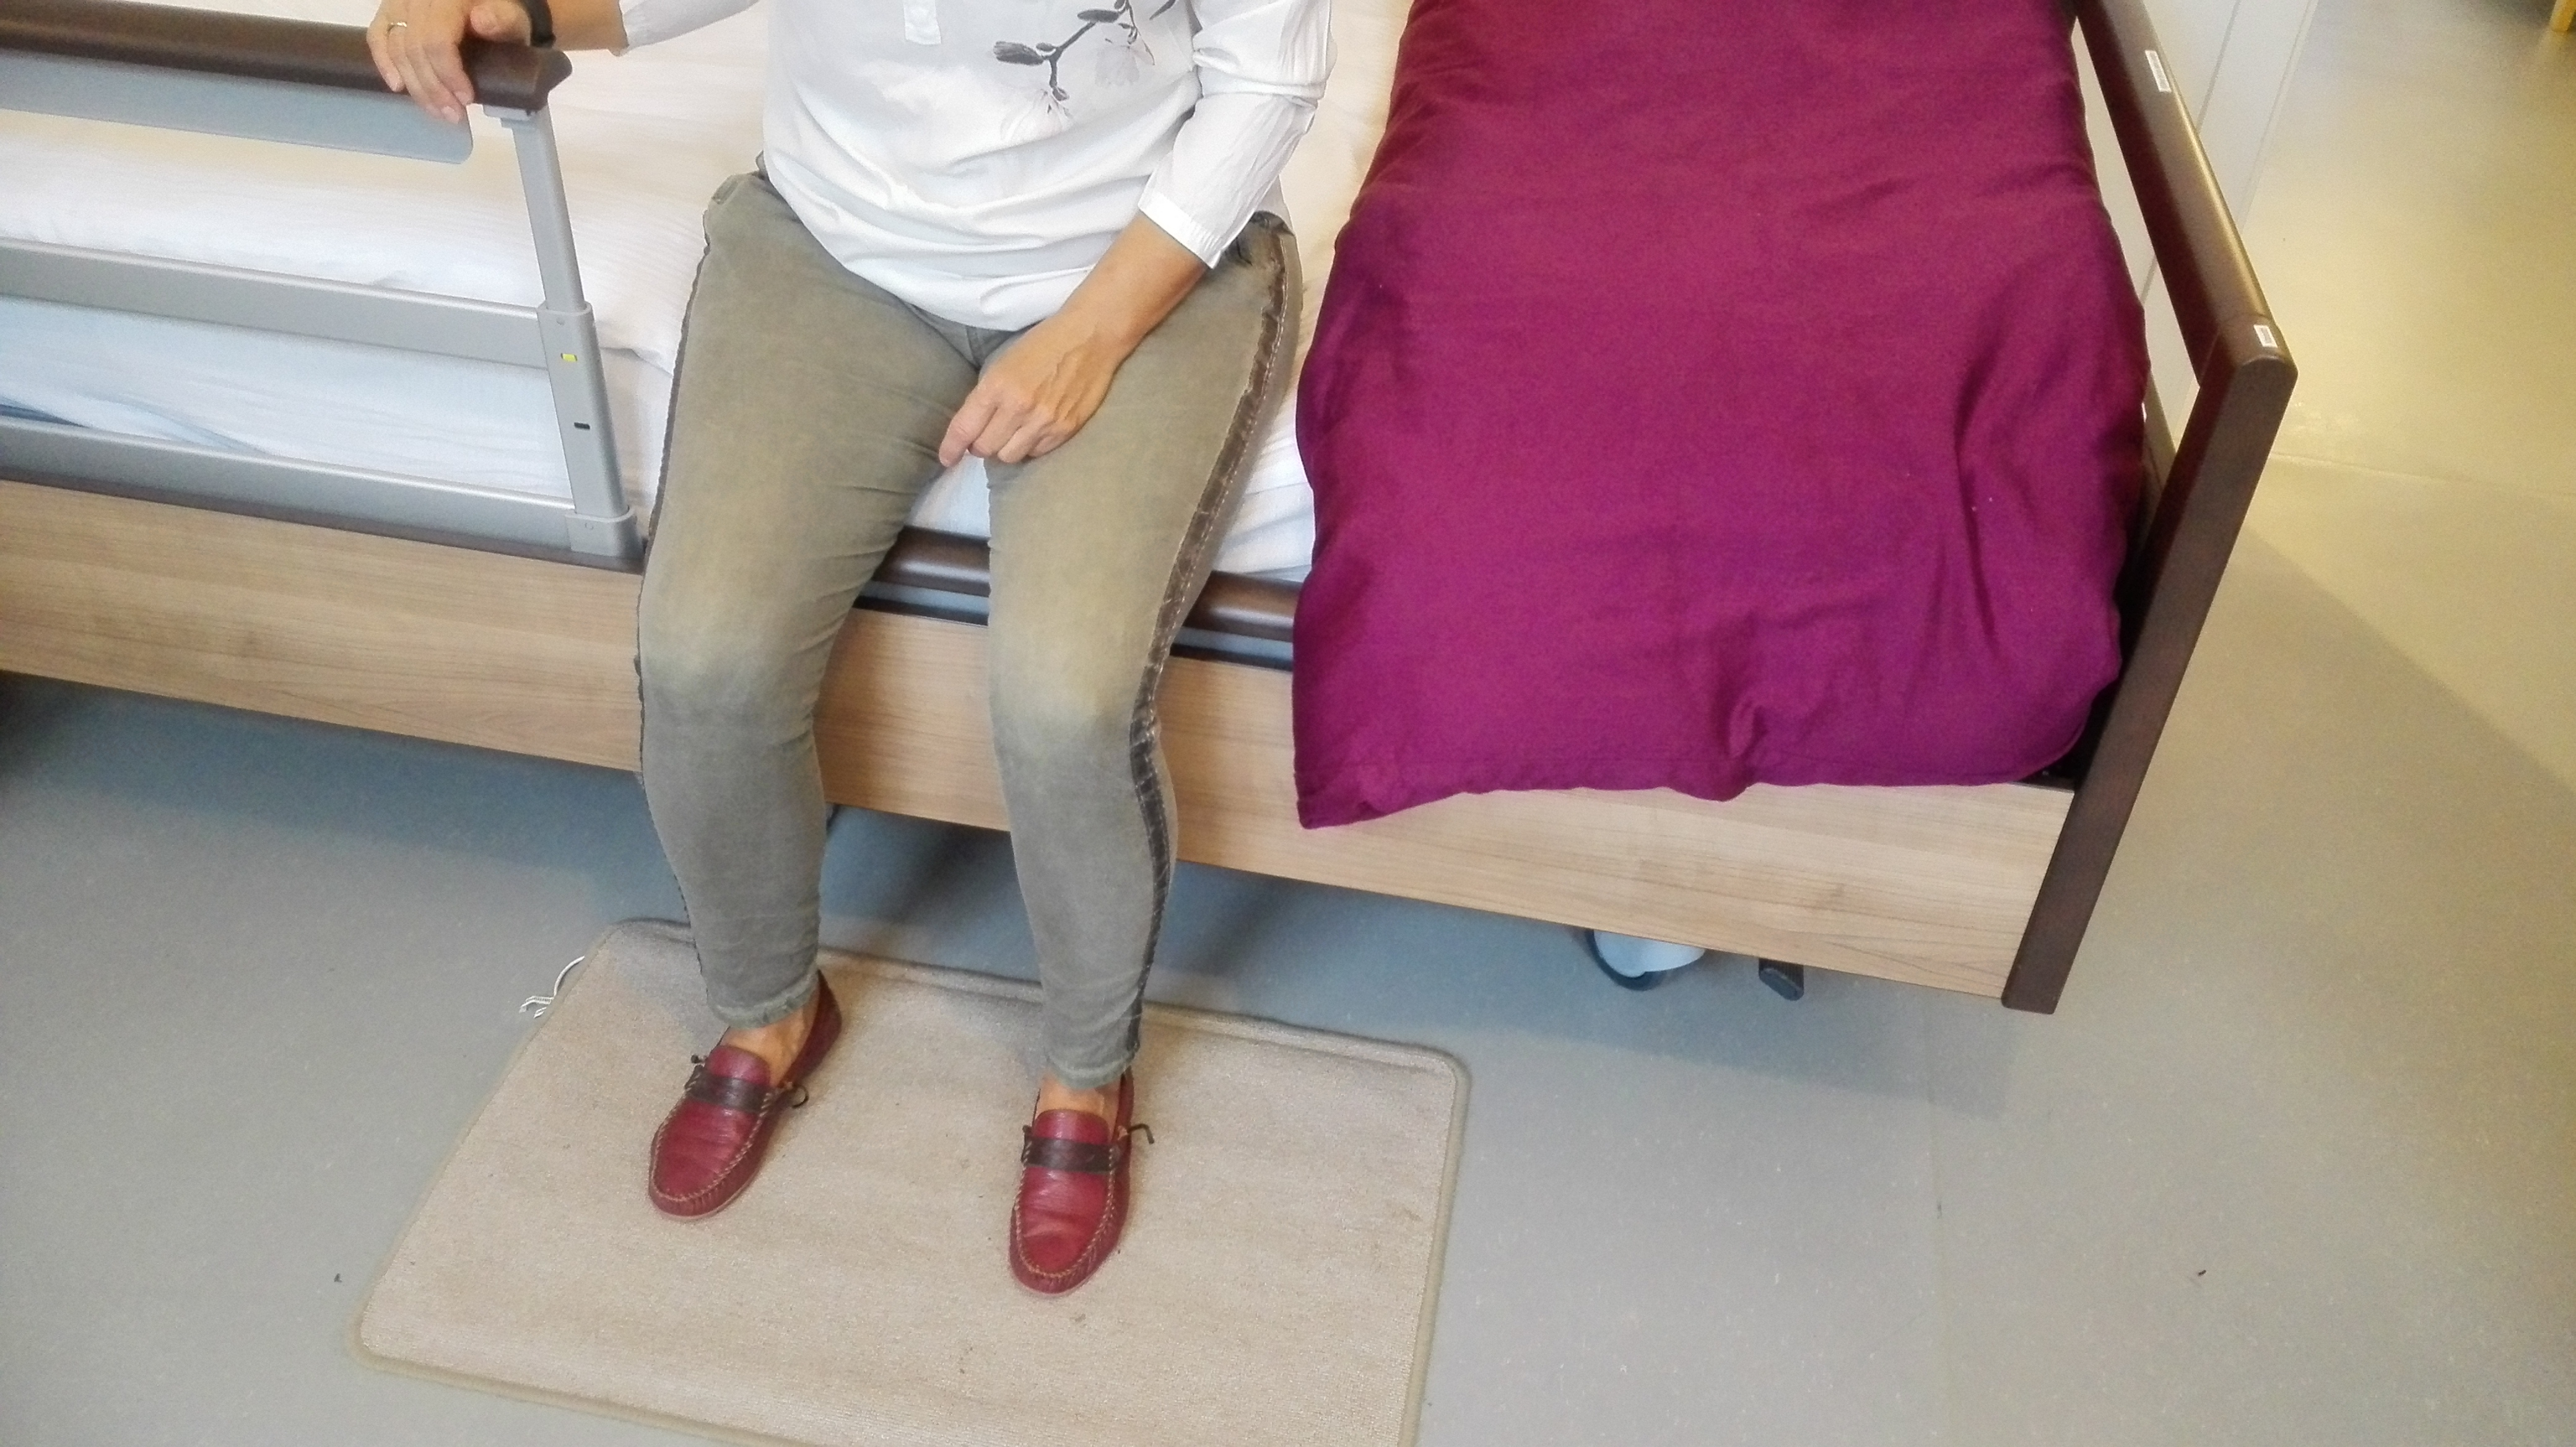 Tråkkematte foran seng som registrerer og varsler når du går ut av sengen.